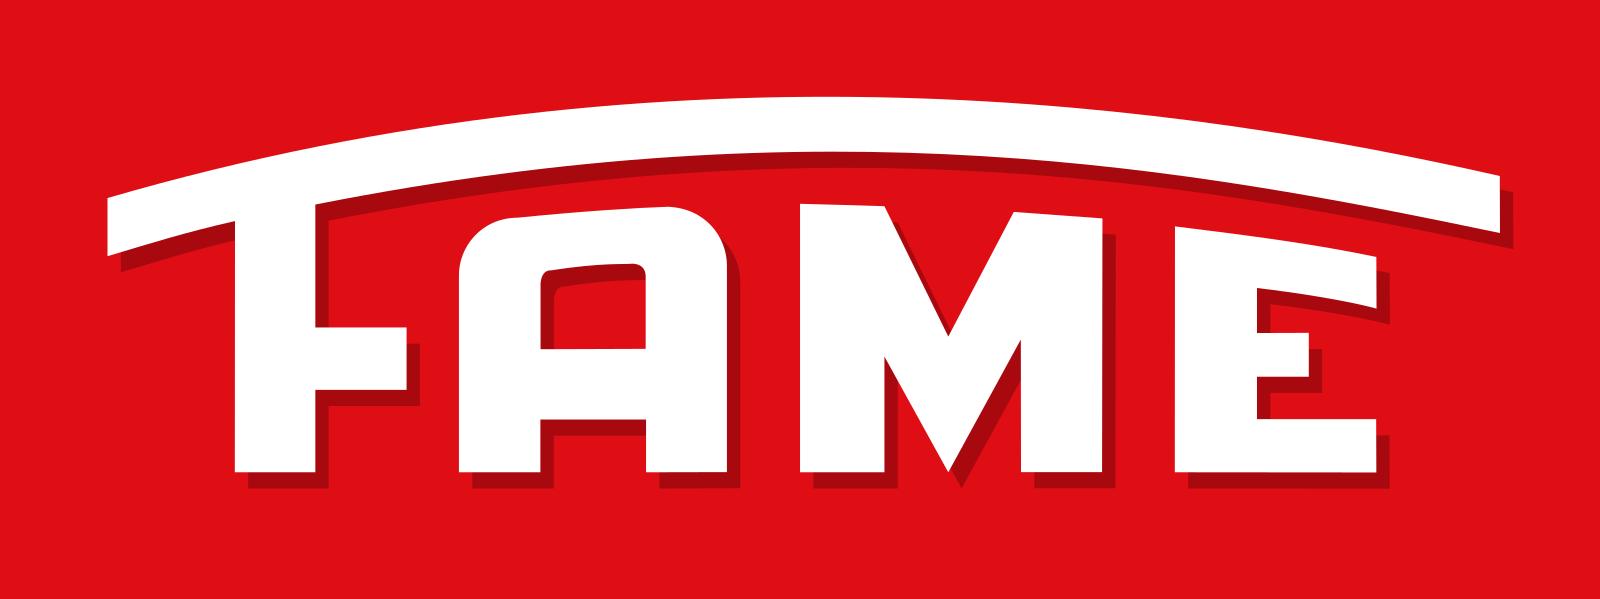 fame logo 7 - Fame Logo